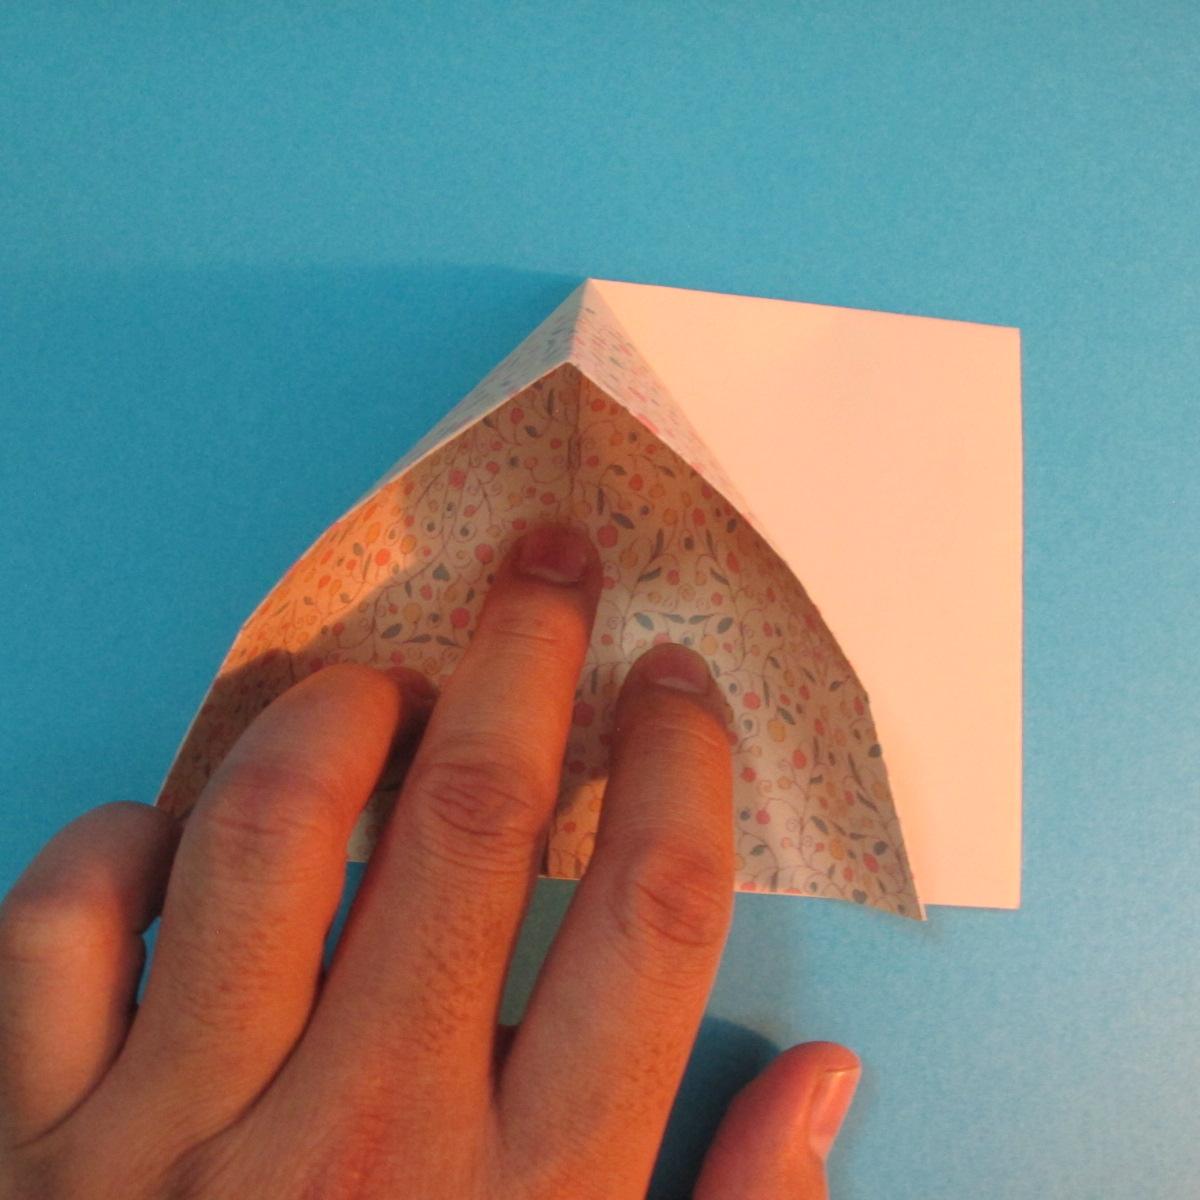 วิธีพับกระดาษเป็นผีเสื้อหางแฉก 019